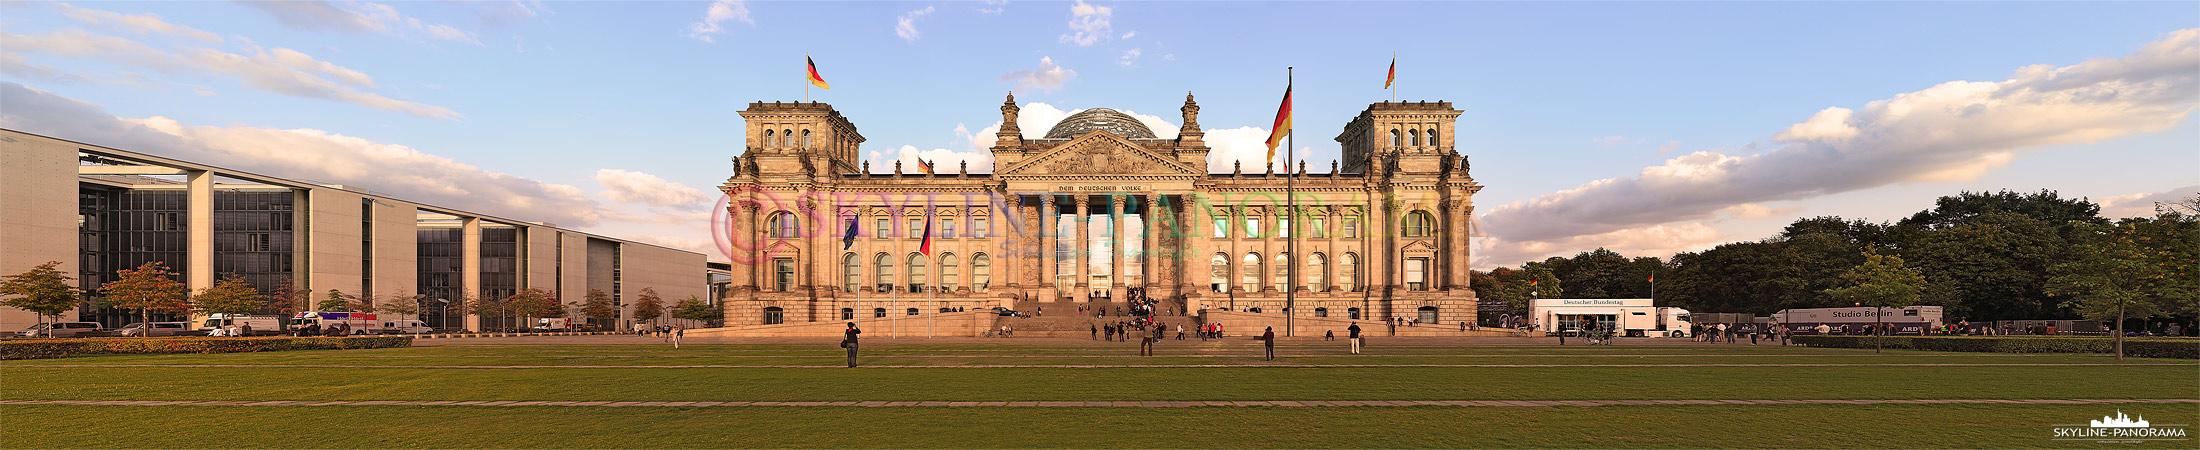 Reichstag Berlin - Das Reichstagsgebäude ist seit 1999 Sitz des Deutschen Bundestages, es befindet sich im Berliner Bezirk Mitte, im neuen Regierungsviertel auf dem Platz der Republik. Der Reichstag zählt zu den bekanntesten und am meisten besuchten Sehenswürdigkeiten der Deutschen Hauptstadt.